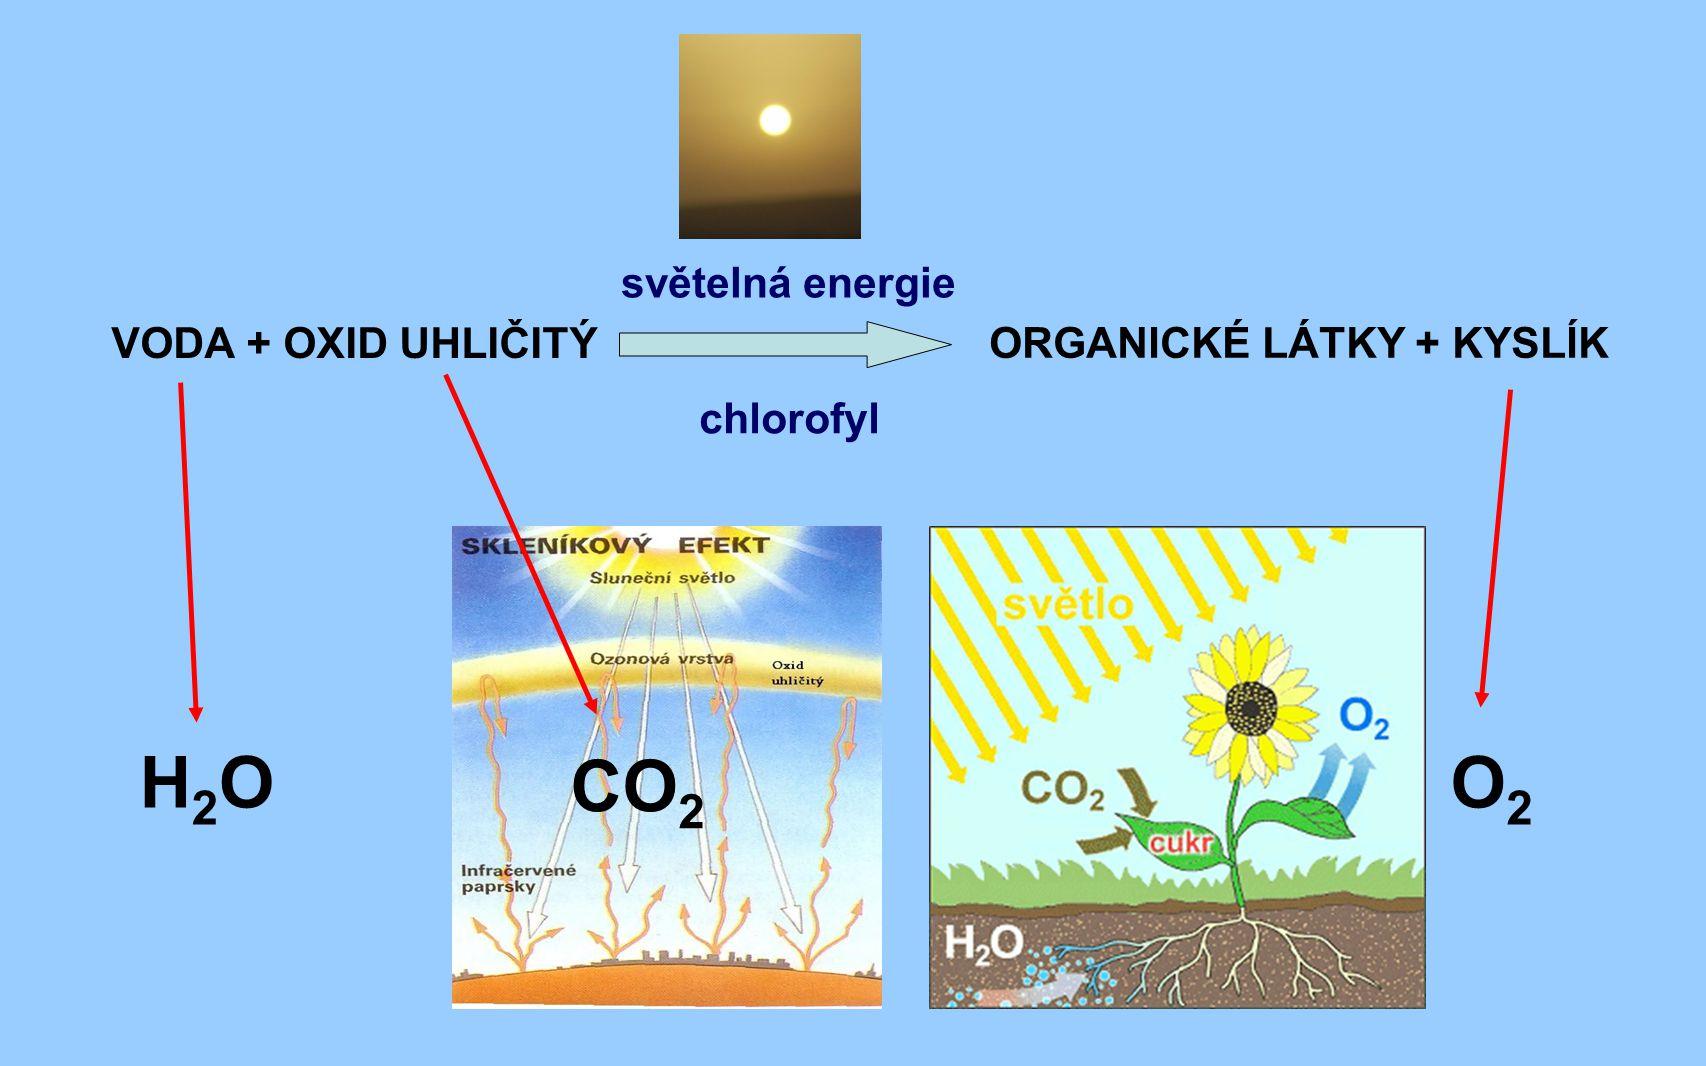 Při fotosyntéze vznikají: A.Organické látky a oxid uhličitý B.Organické látky a kyslík C.Energie a oxid uhličitý D.Fotografie Q 8